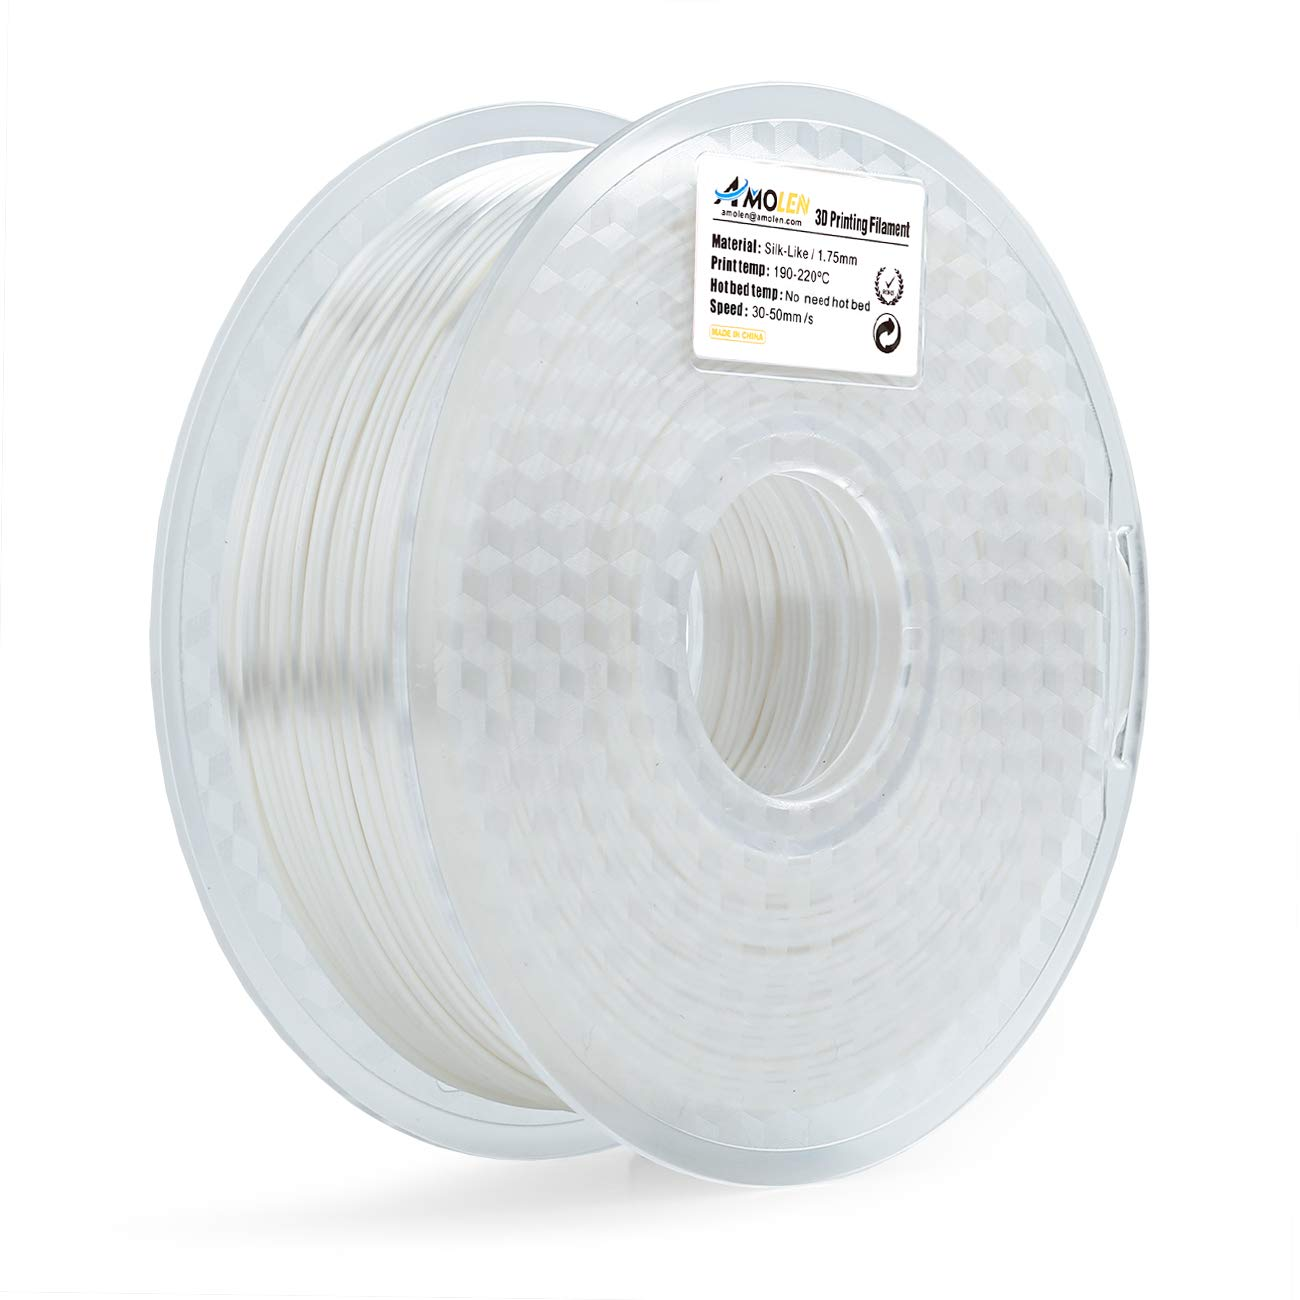 AMOLEN PLA Imprimante 3D Filament, Soie 1.75mm 225G,+/- 0.03 mm Matériaux d'impression 3D en filament, comprend des échantillons de Filament.